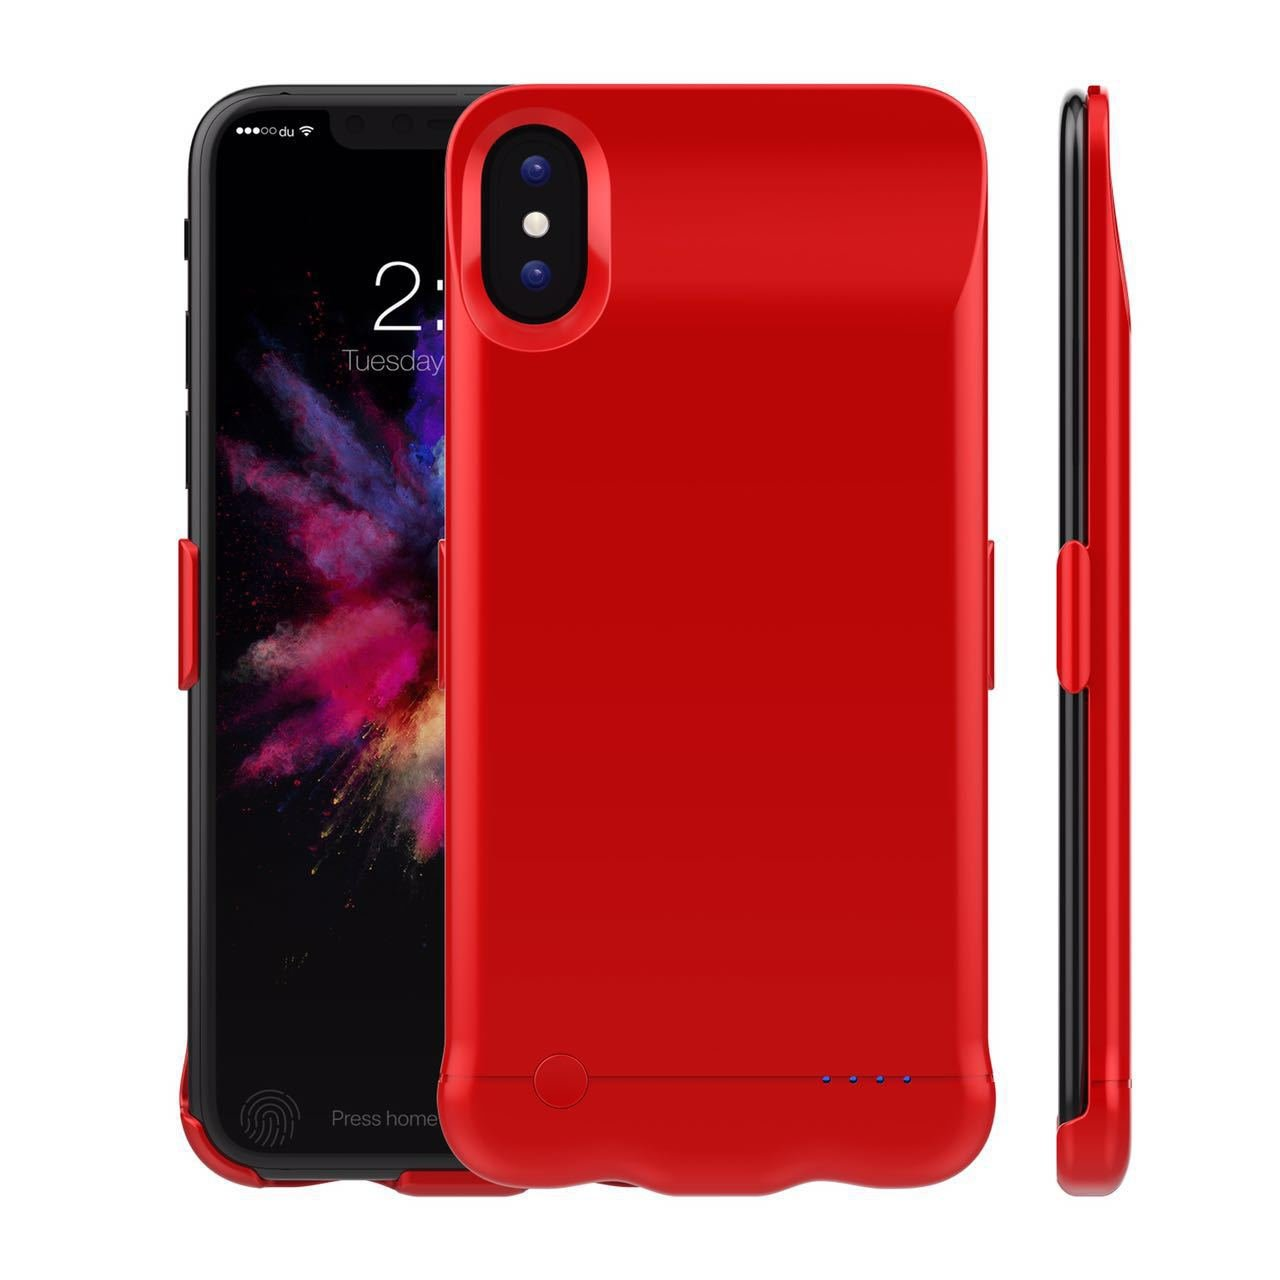 Funda iPhone X recargable 5200 mAh energía de la batería ...